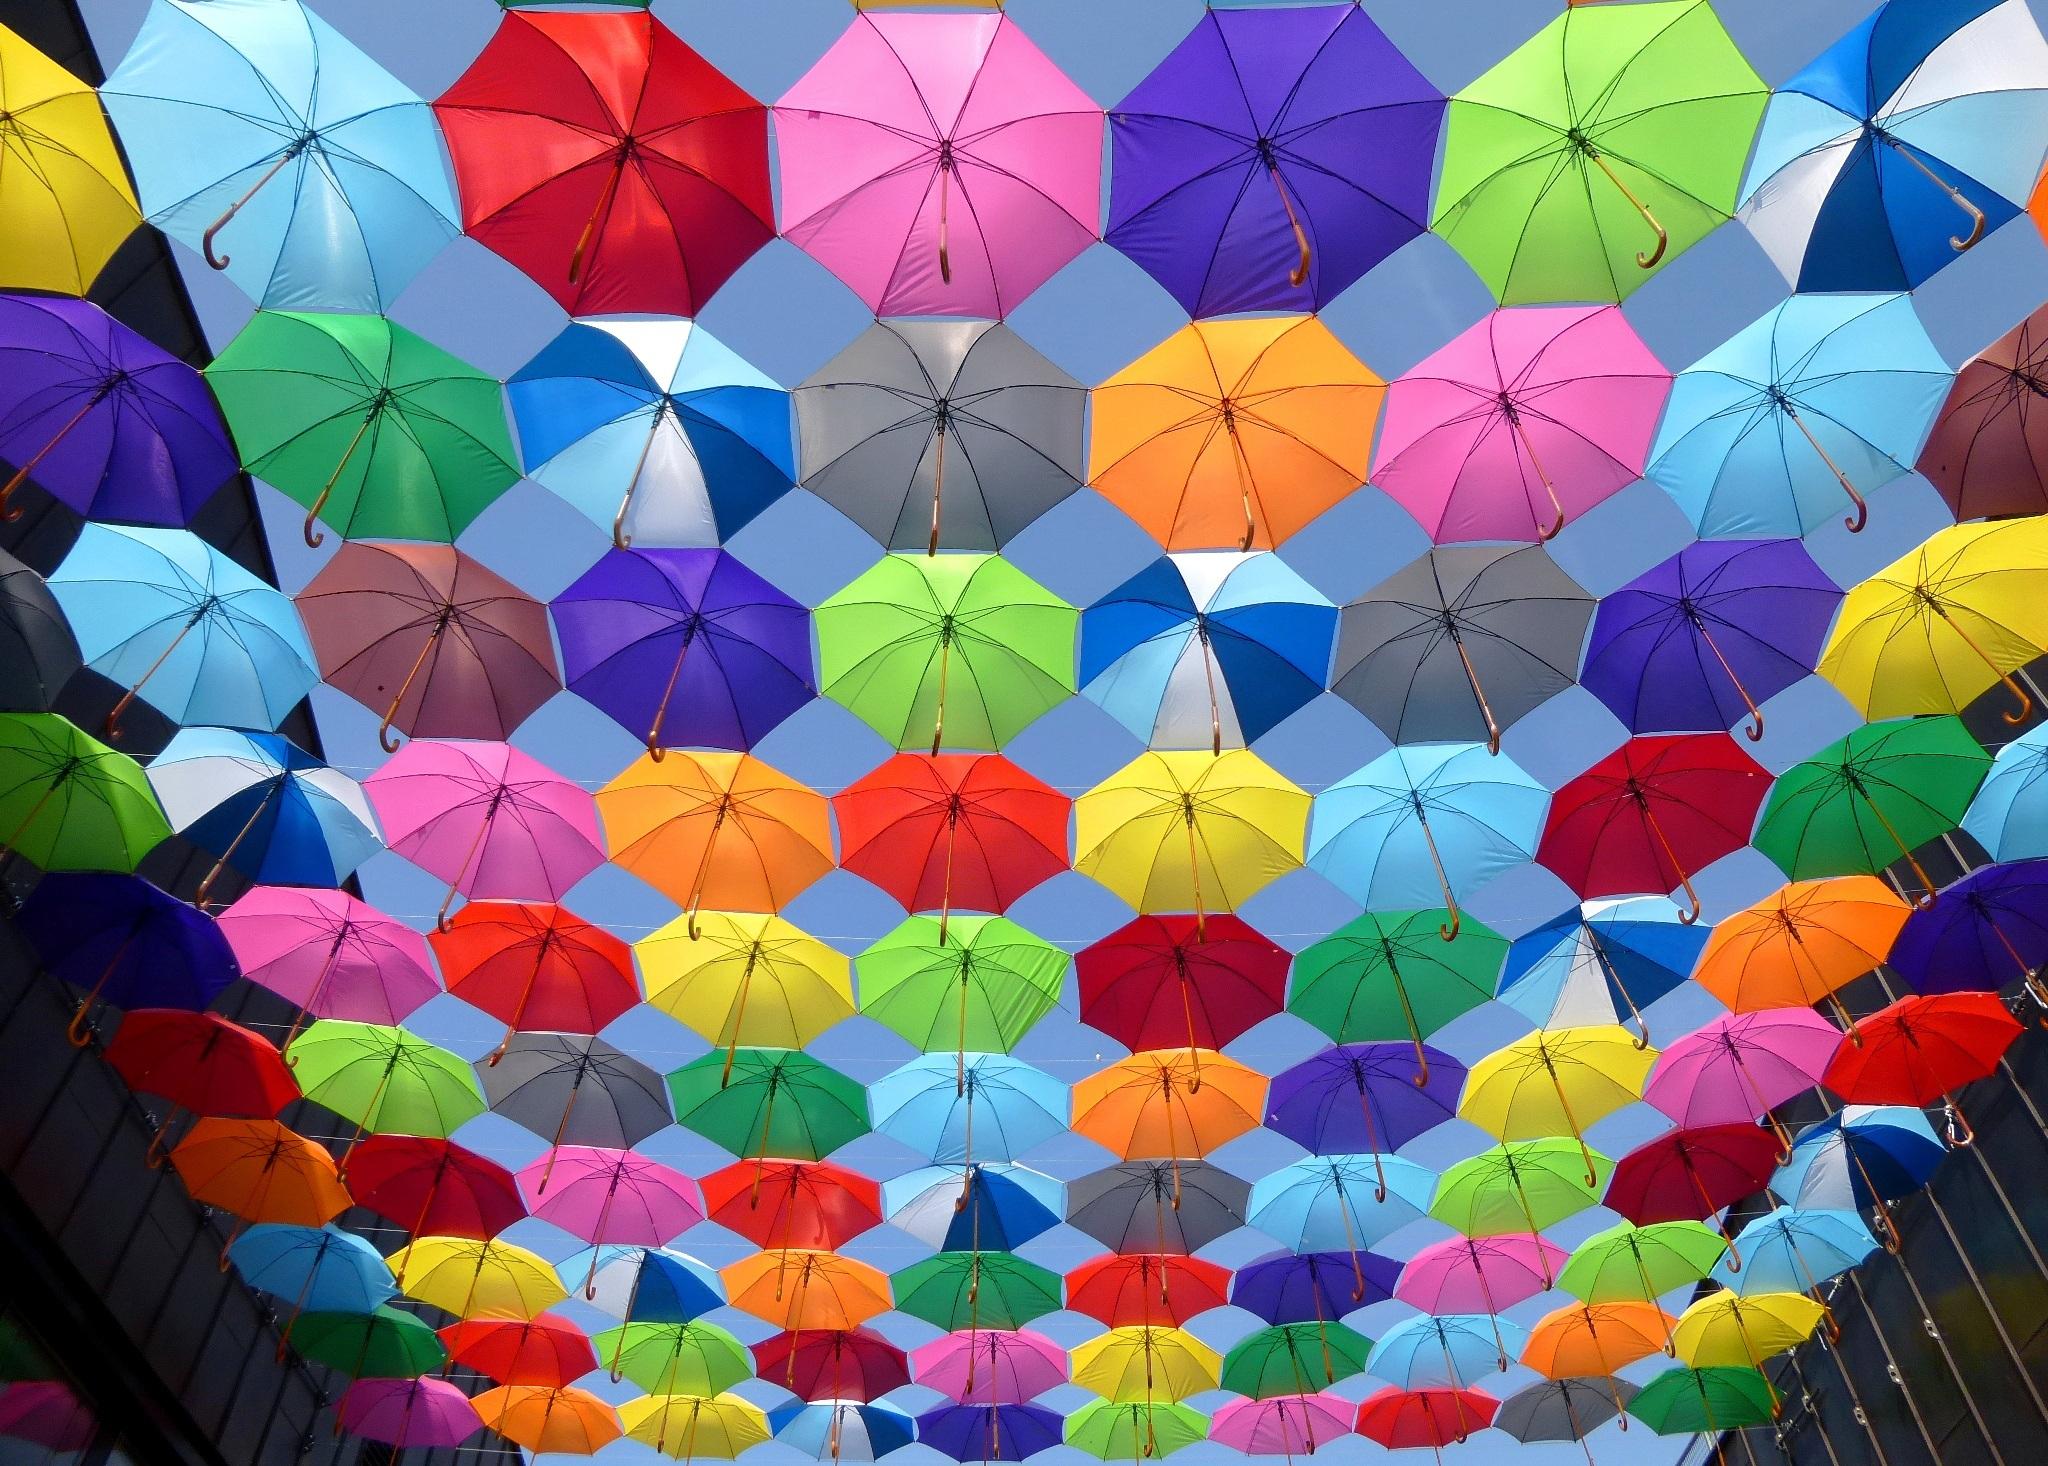 Terapija bojama- velnes boje koje utiču na zdravlje